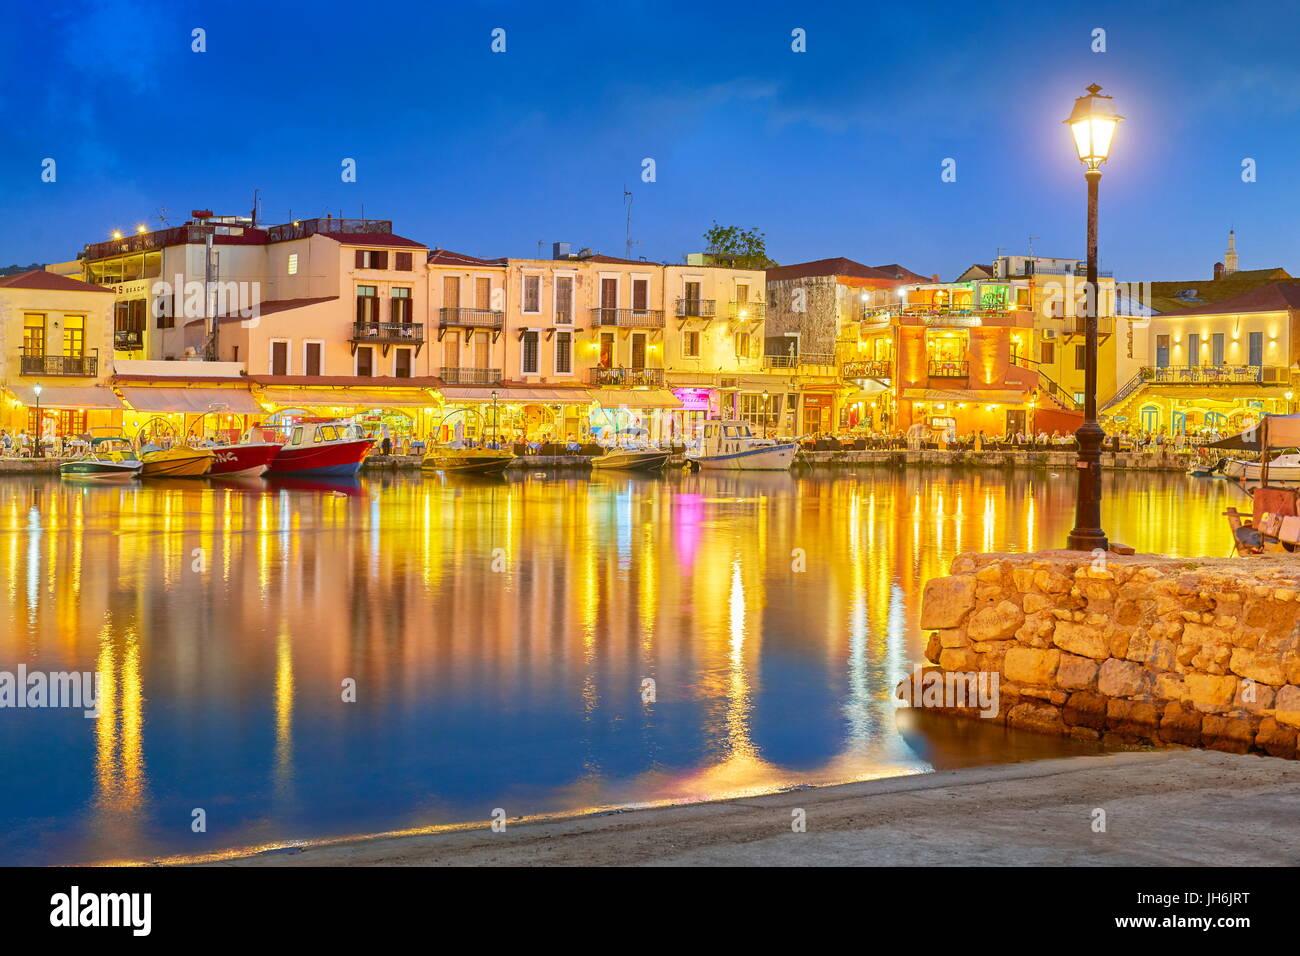 Vieux Port Vénitien, Rethymno, Crète, Grèce Photo Stock